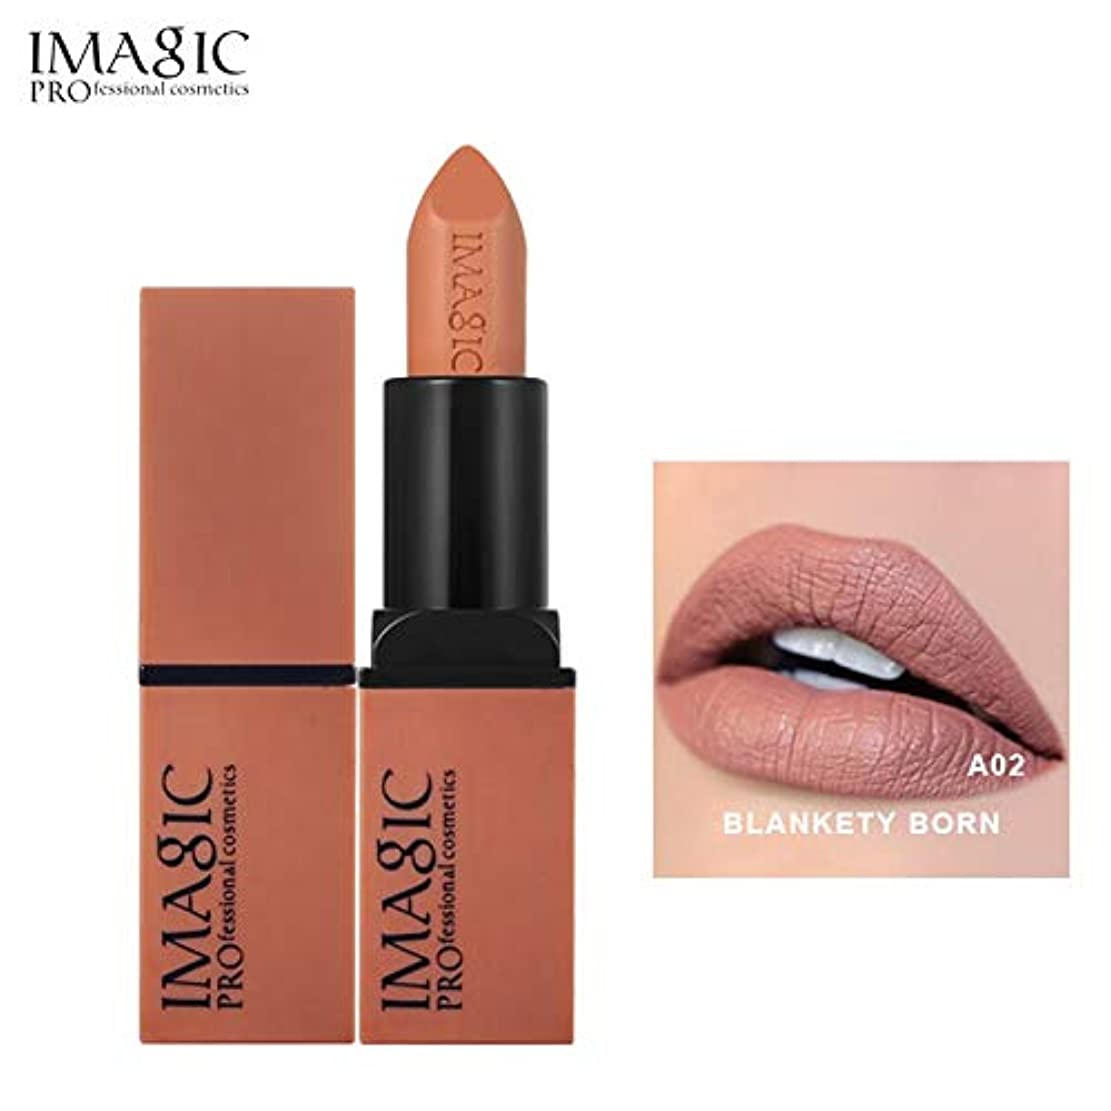 ムスタチオピック最近NOTEイマジックメイクアップマット美容メイクアップリップスティック唇化粧品マットリップスティックペンシルモイスチャライズリップスティック